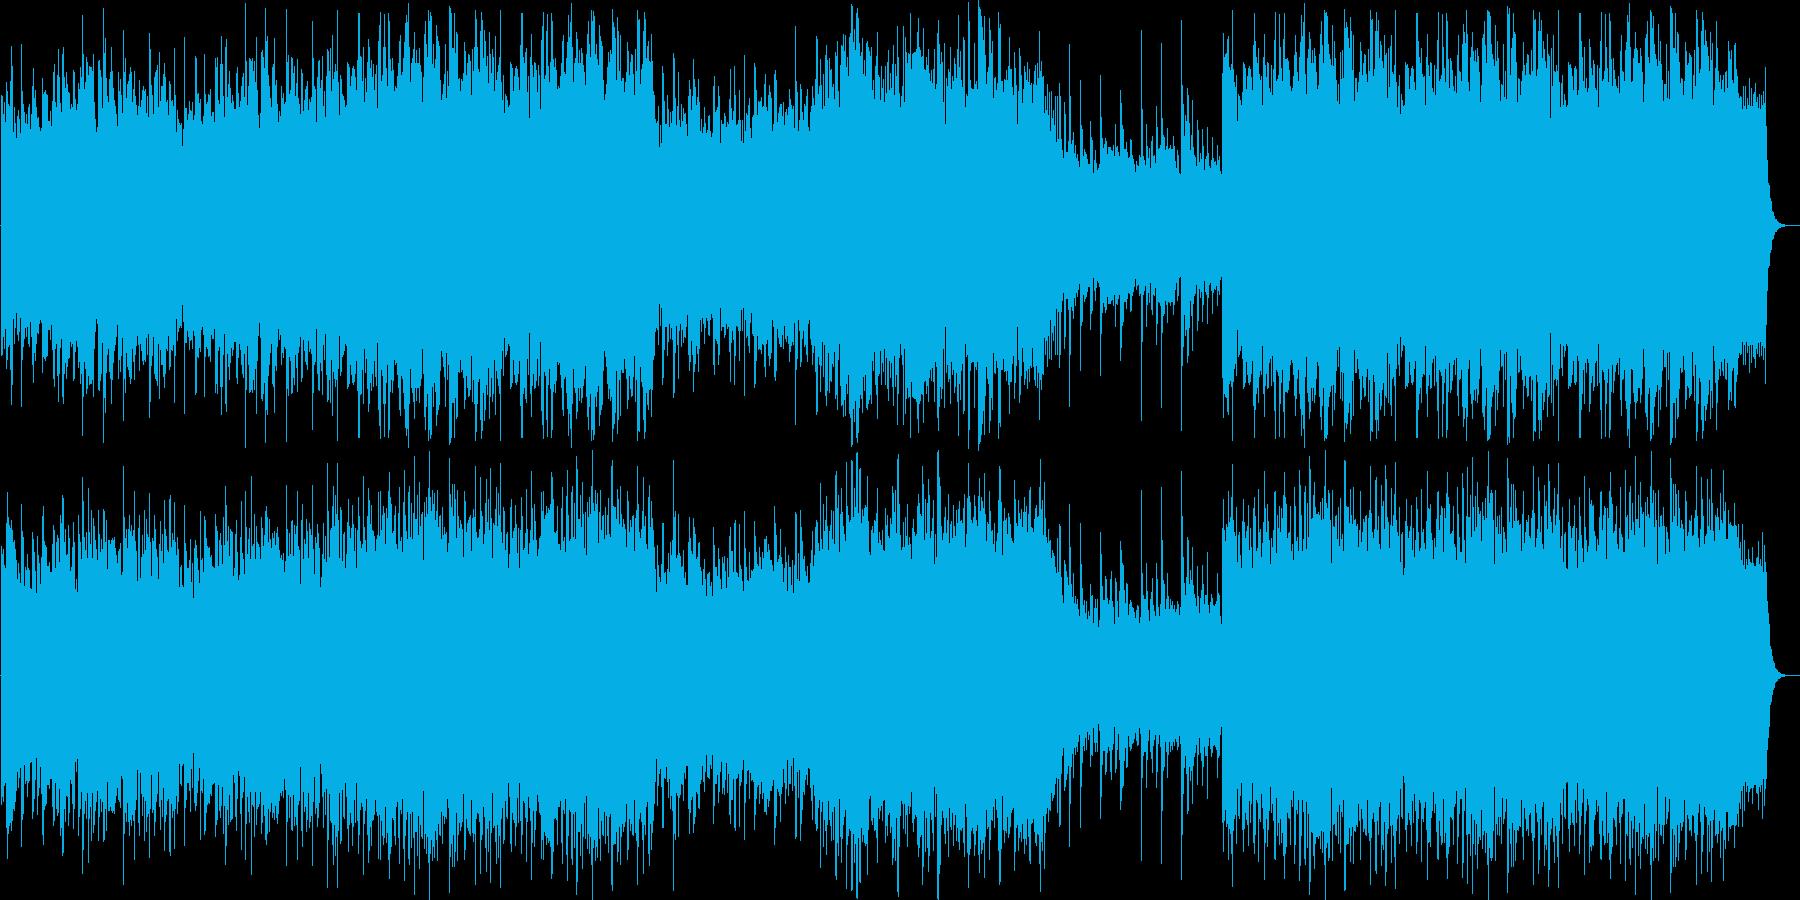 笛を主に使った軽やかなリラックスできる曲の再生済みの波形